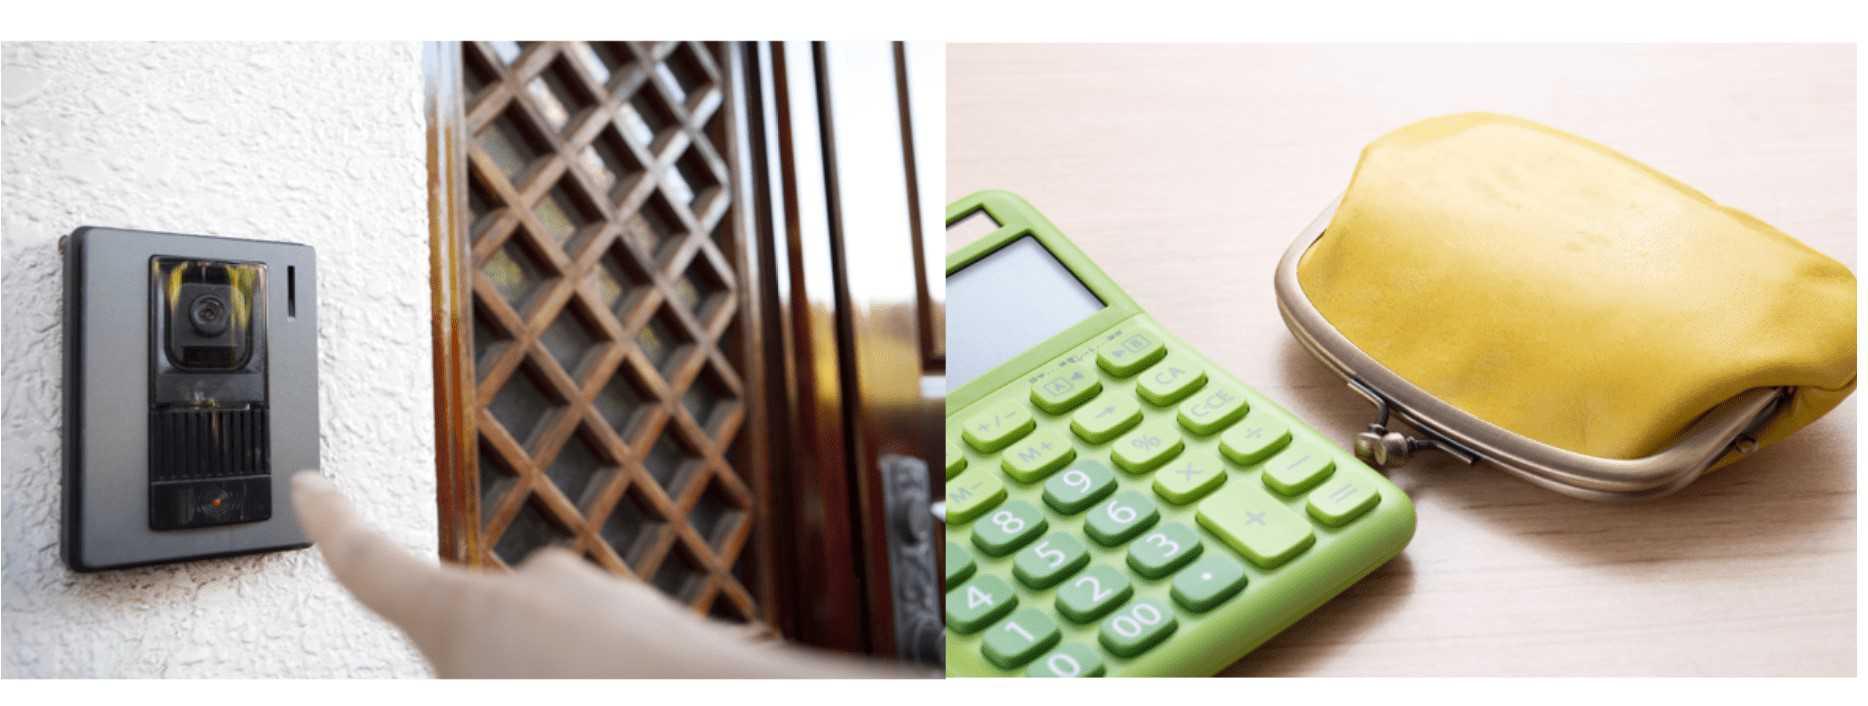 インターホンの相場を交換費用・本体価格ごとに説明|費用を抑えるコツも